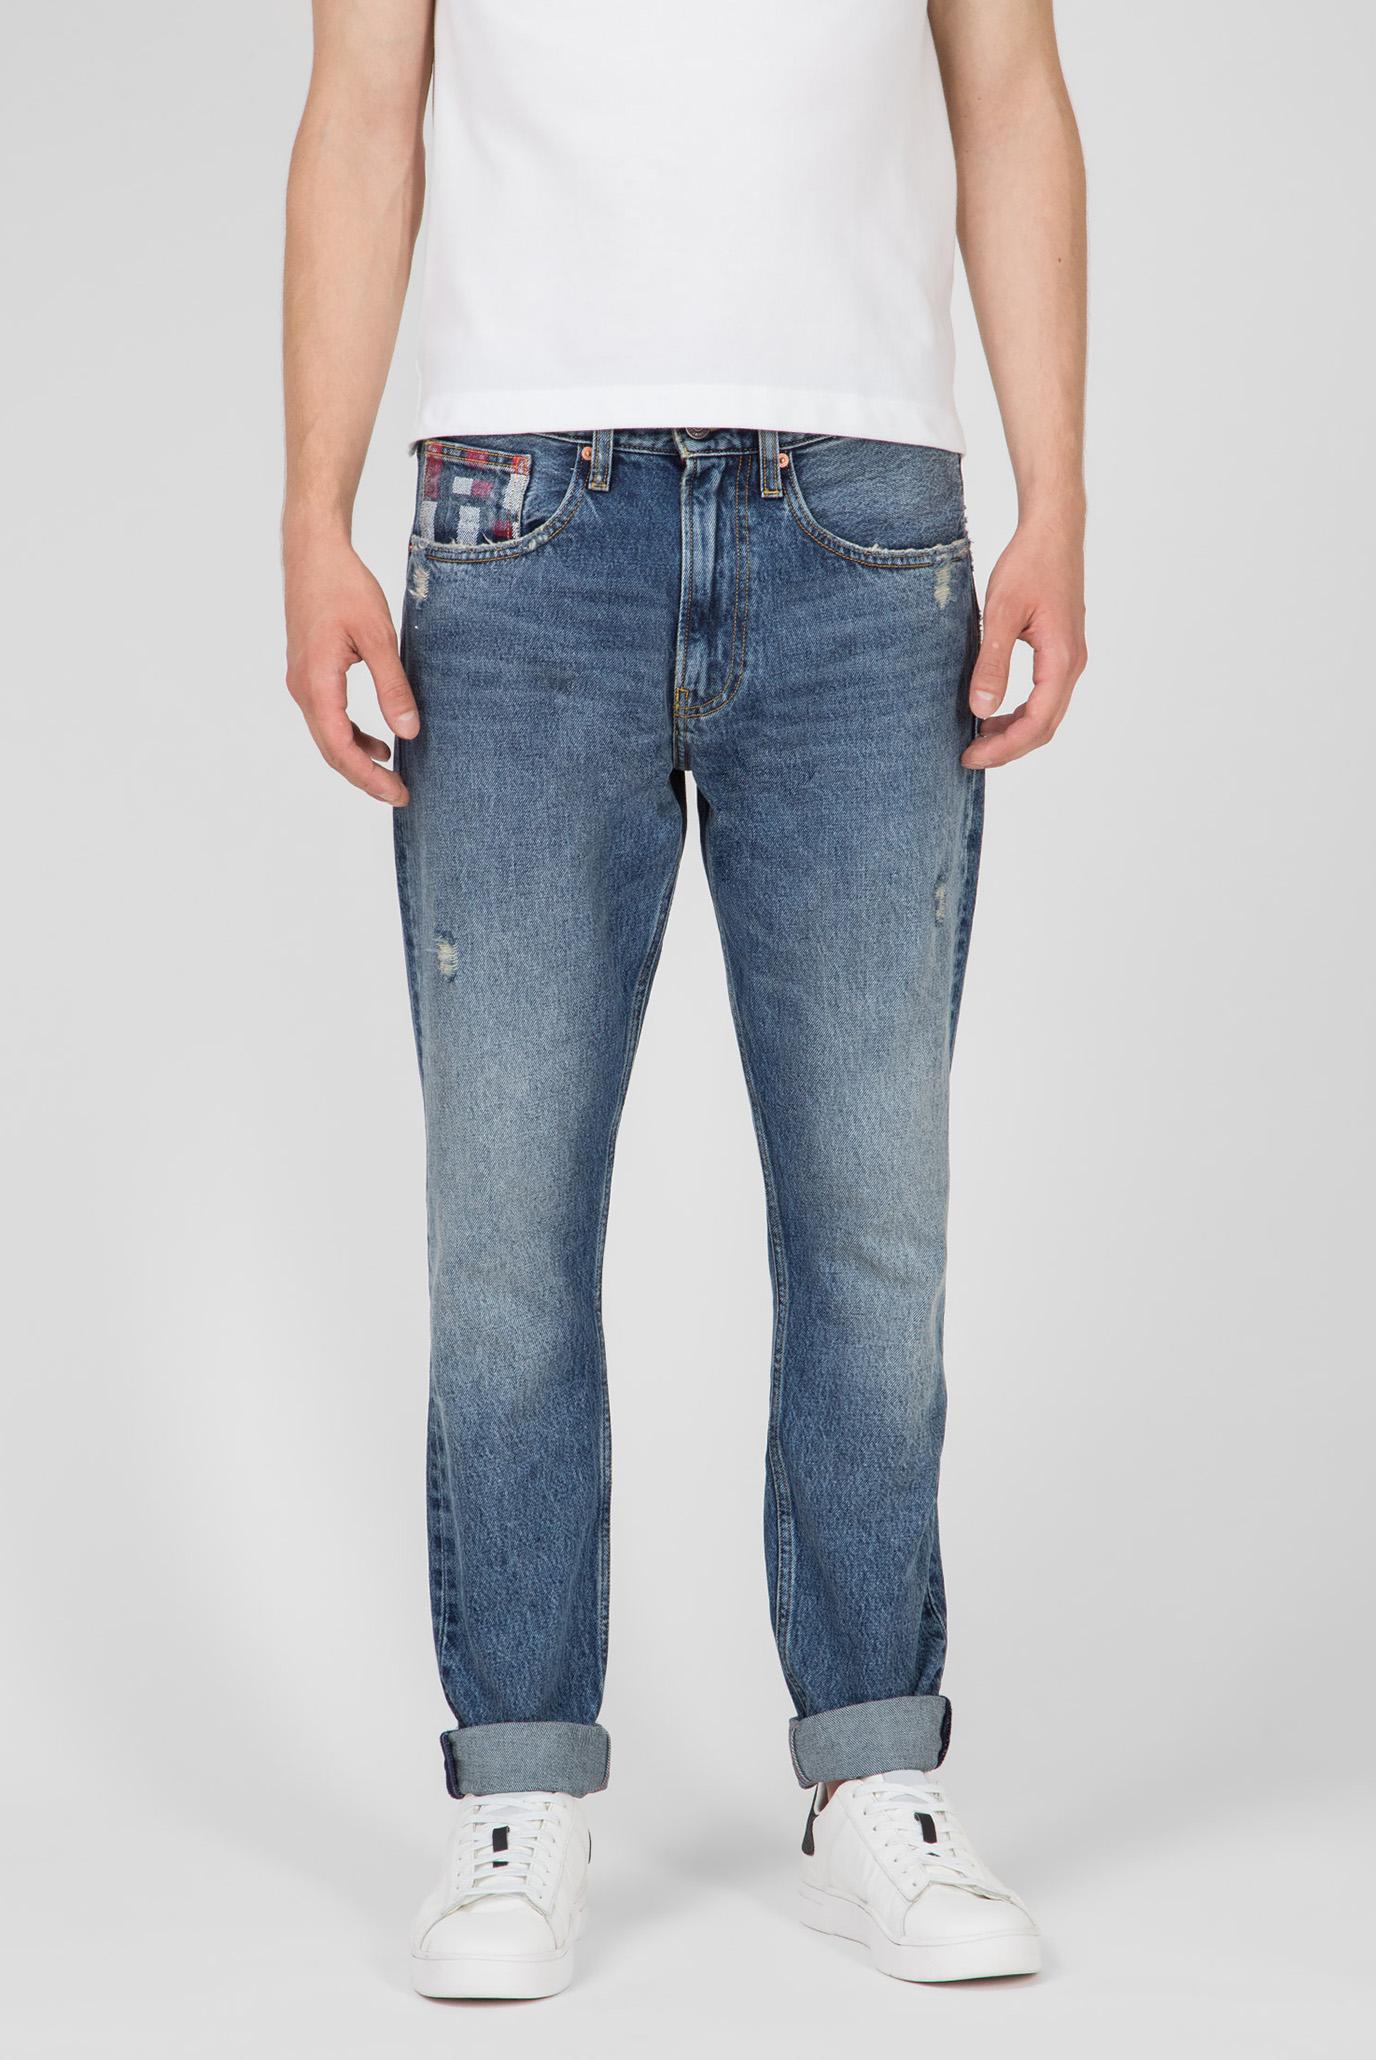 Купить Мужские синие джинсы MODERN TAPERED TJ 1988 AMR Tommy Hilfiger Tommy Hilfiger DM0DM06115 – Киев, Украина. Цены в интернет магазине MD Fashion